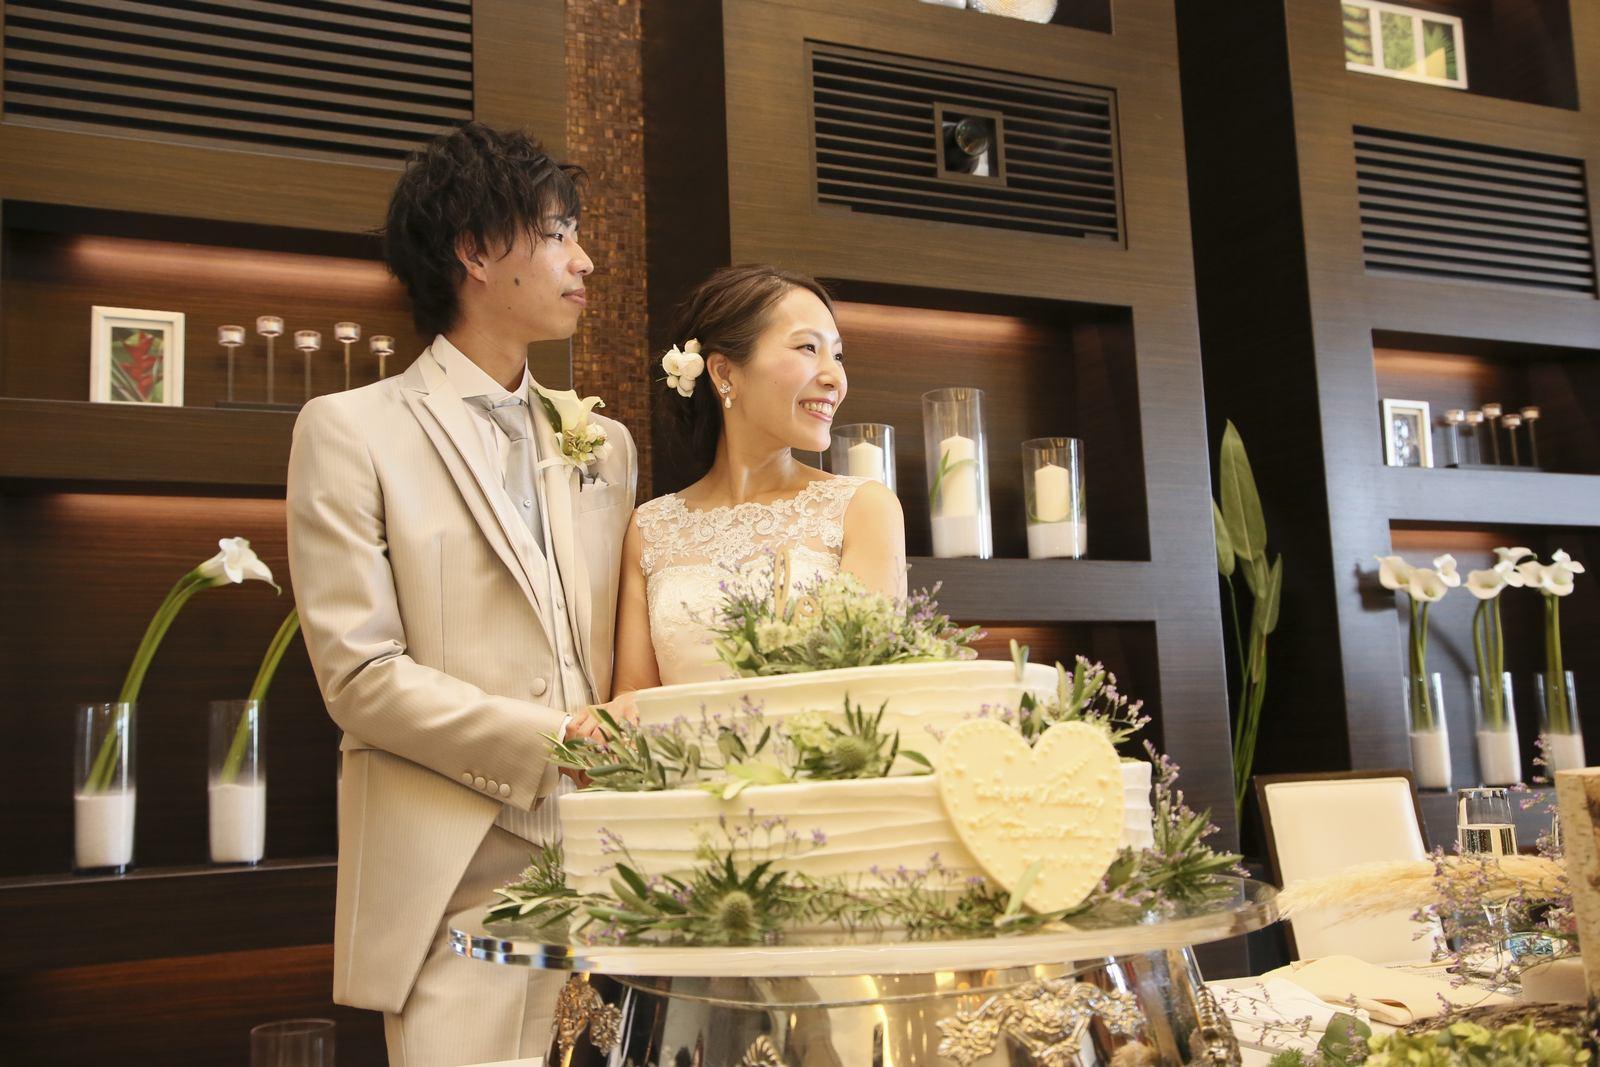 徳島市の結婚式場ブランアンジュでウエディングケーキ入刀をする新郎新婦